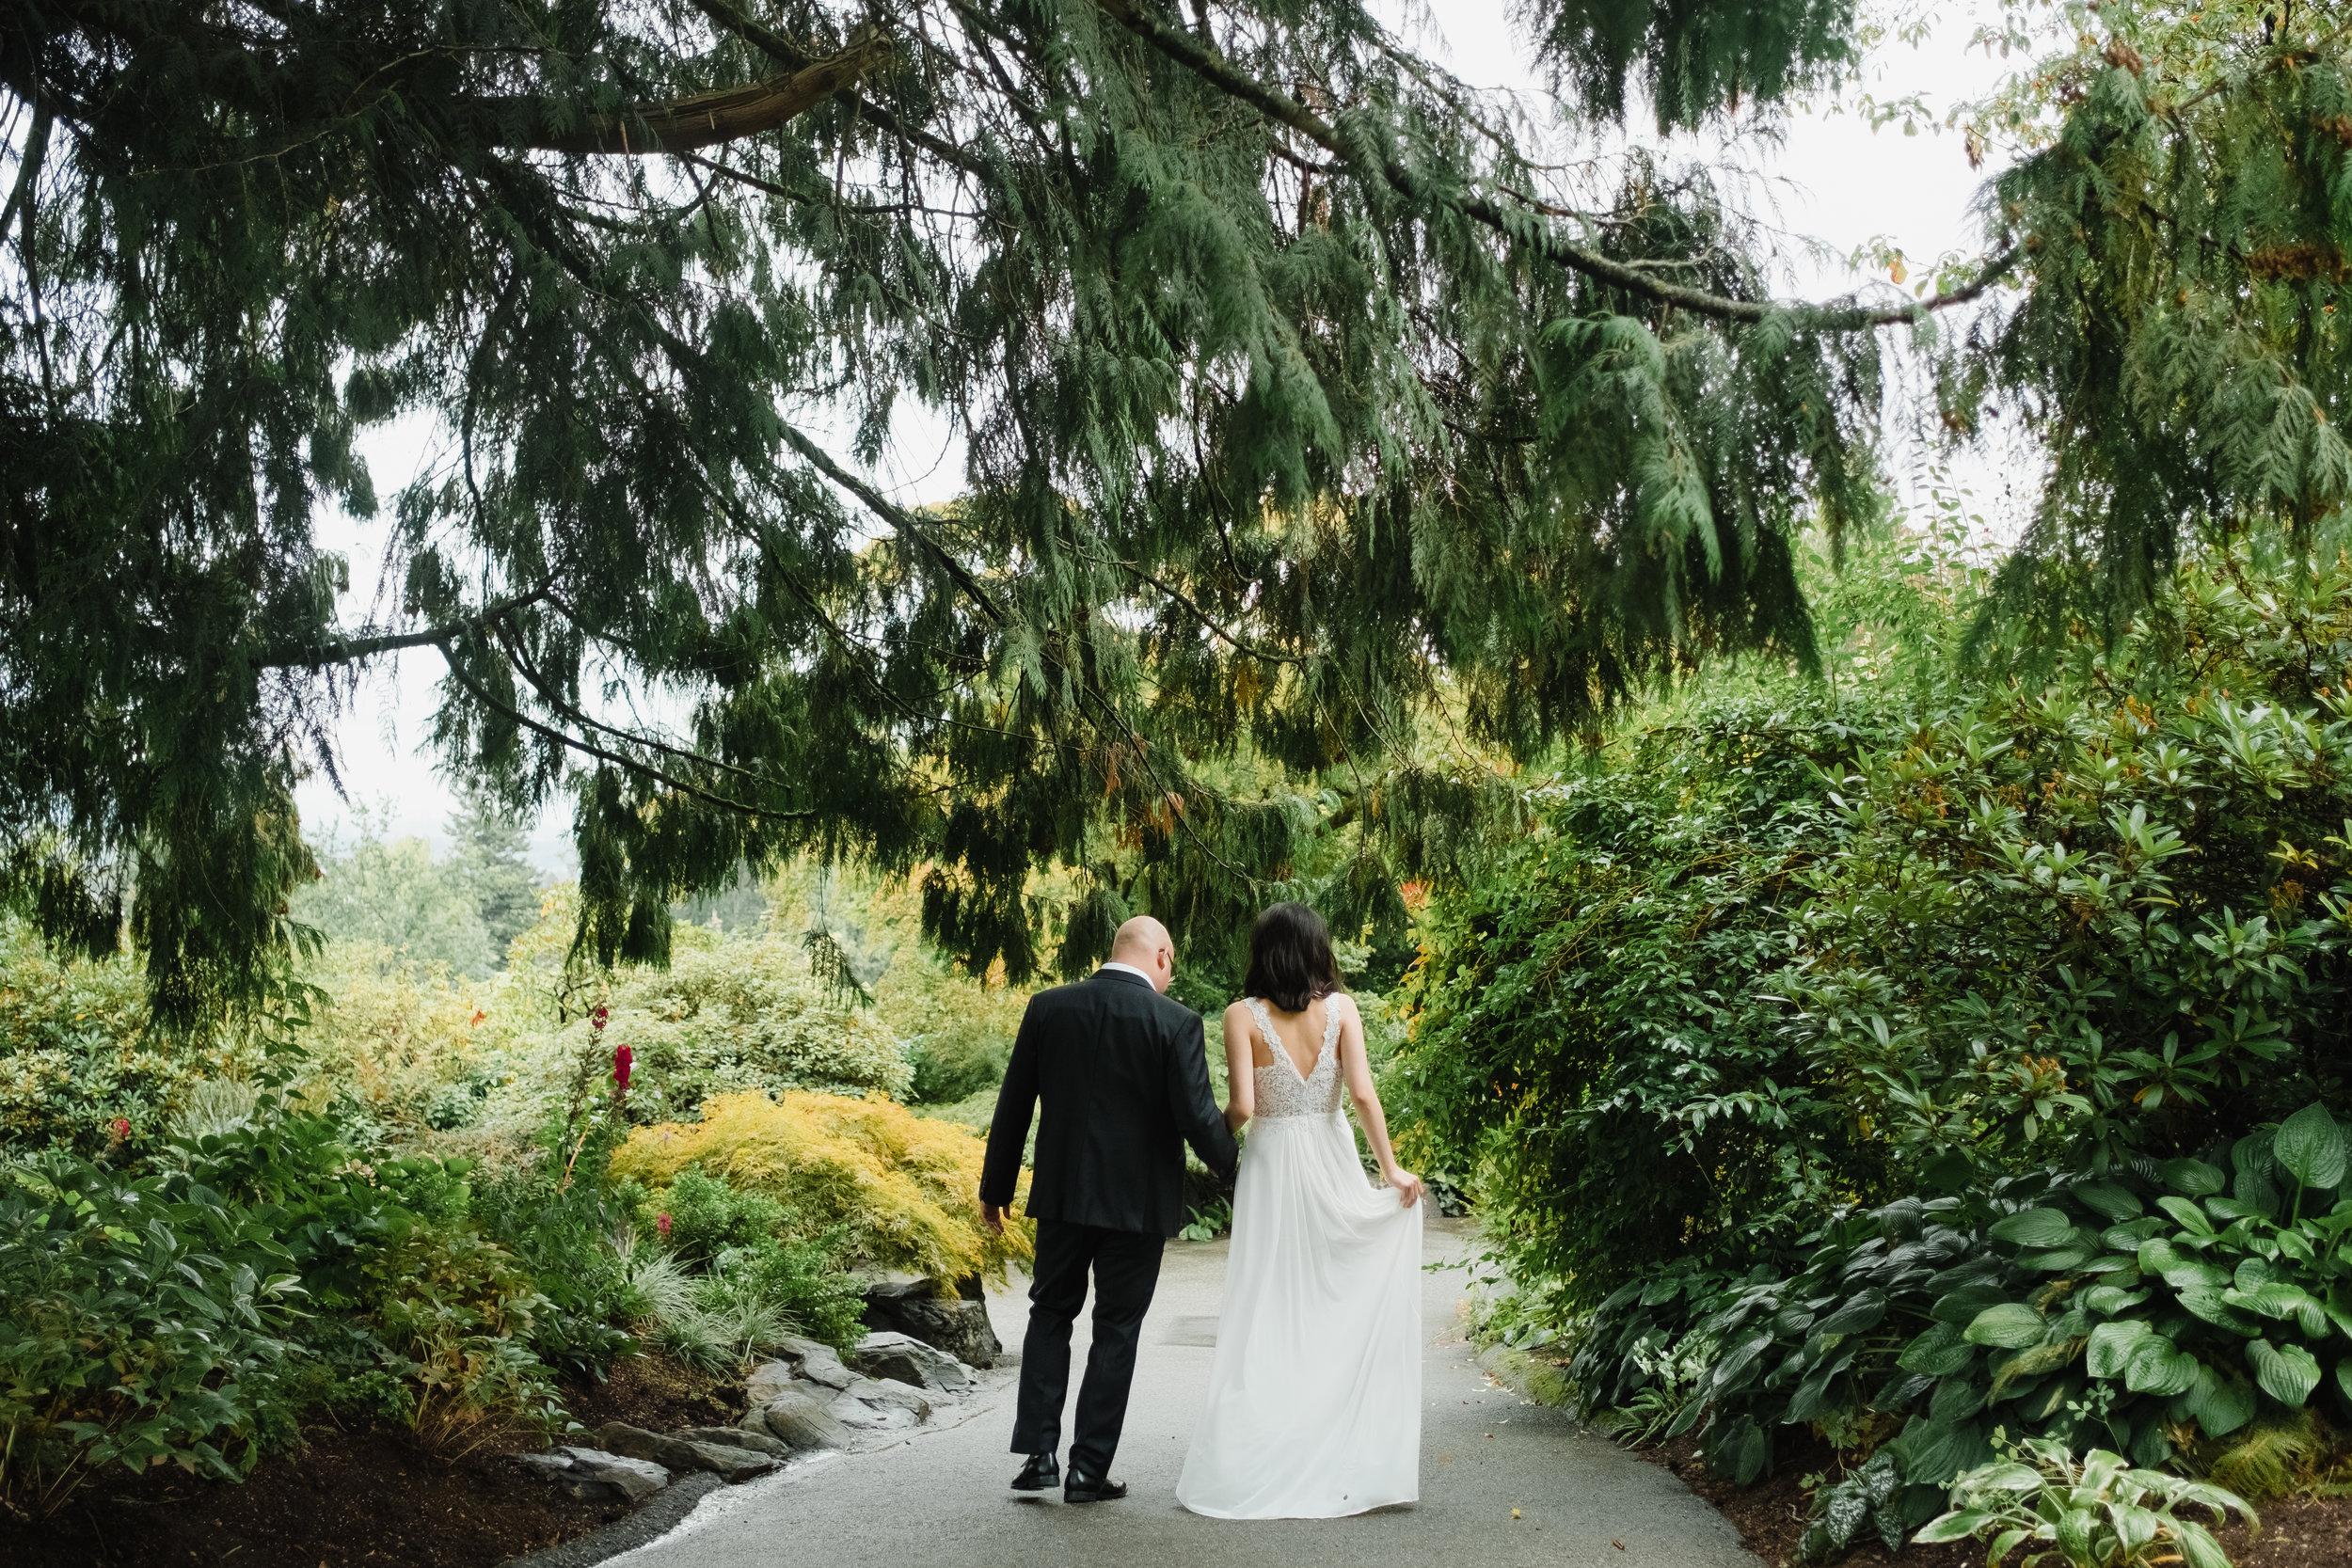 HeraStudios_CollectorsPackage_Full_JudySampson_Wedding_0018.jpg